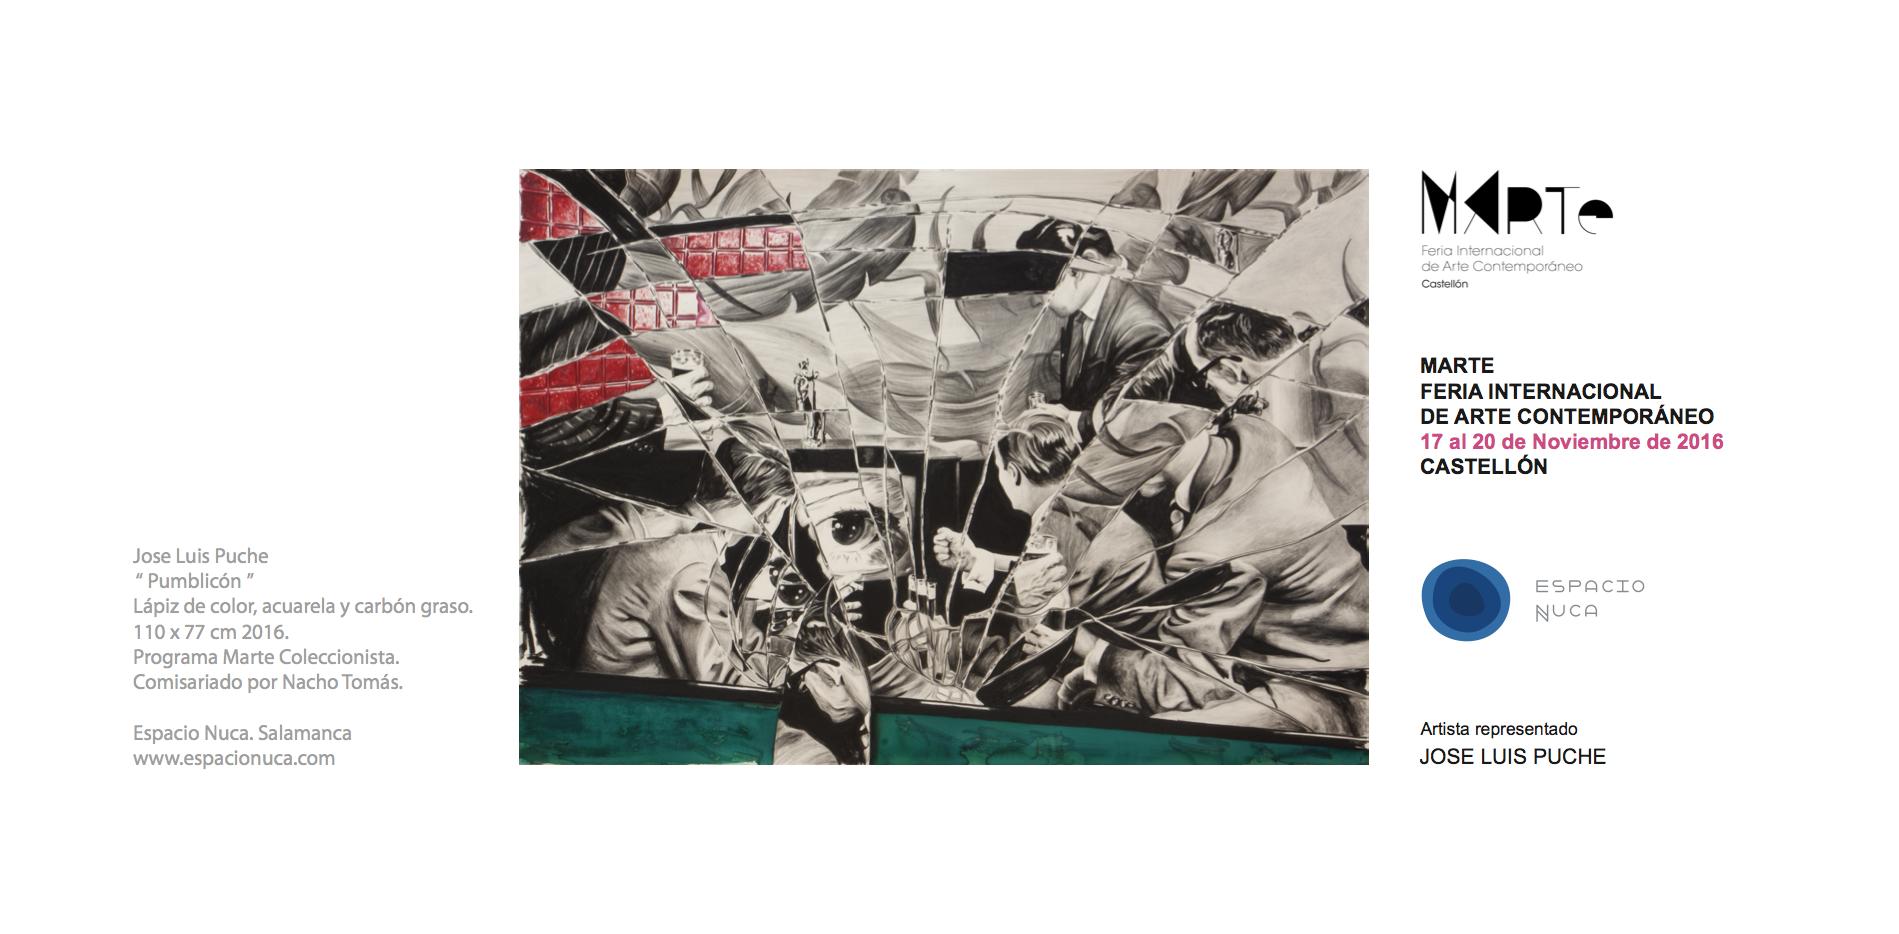 Espacio Nuca Galerias de arte Castilla y León. Espacio Nuca Eduardo Nuca ferias exposiciones eventos exhibiciones galería arte artístico artistas conceptual Salamanca. Arte Contemporáneo Salamanca. Arte actual Salamanca.